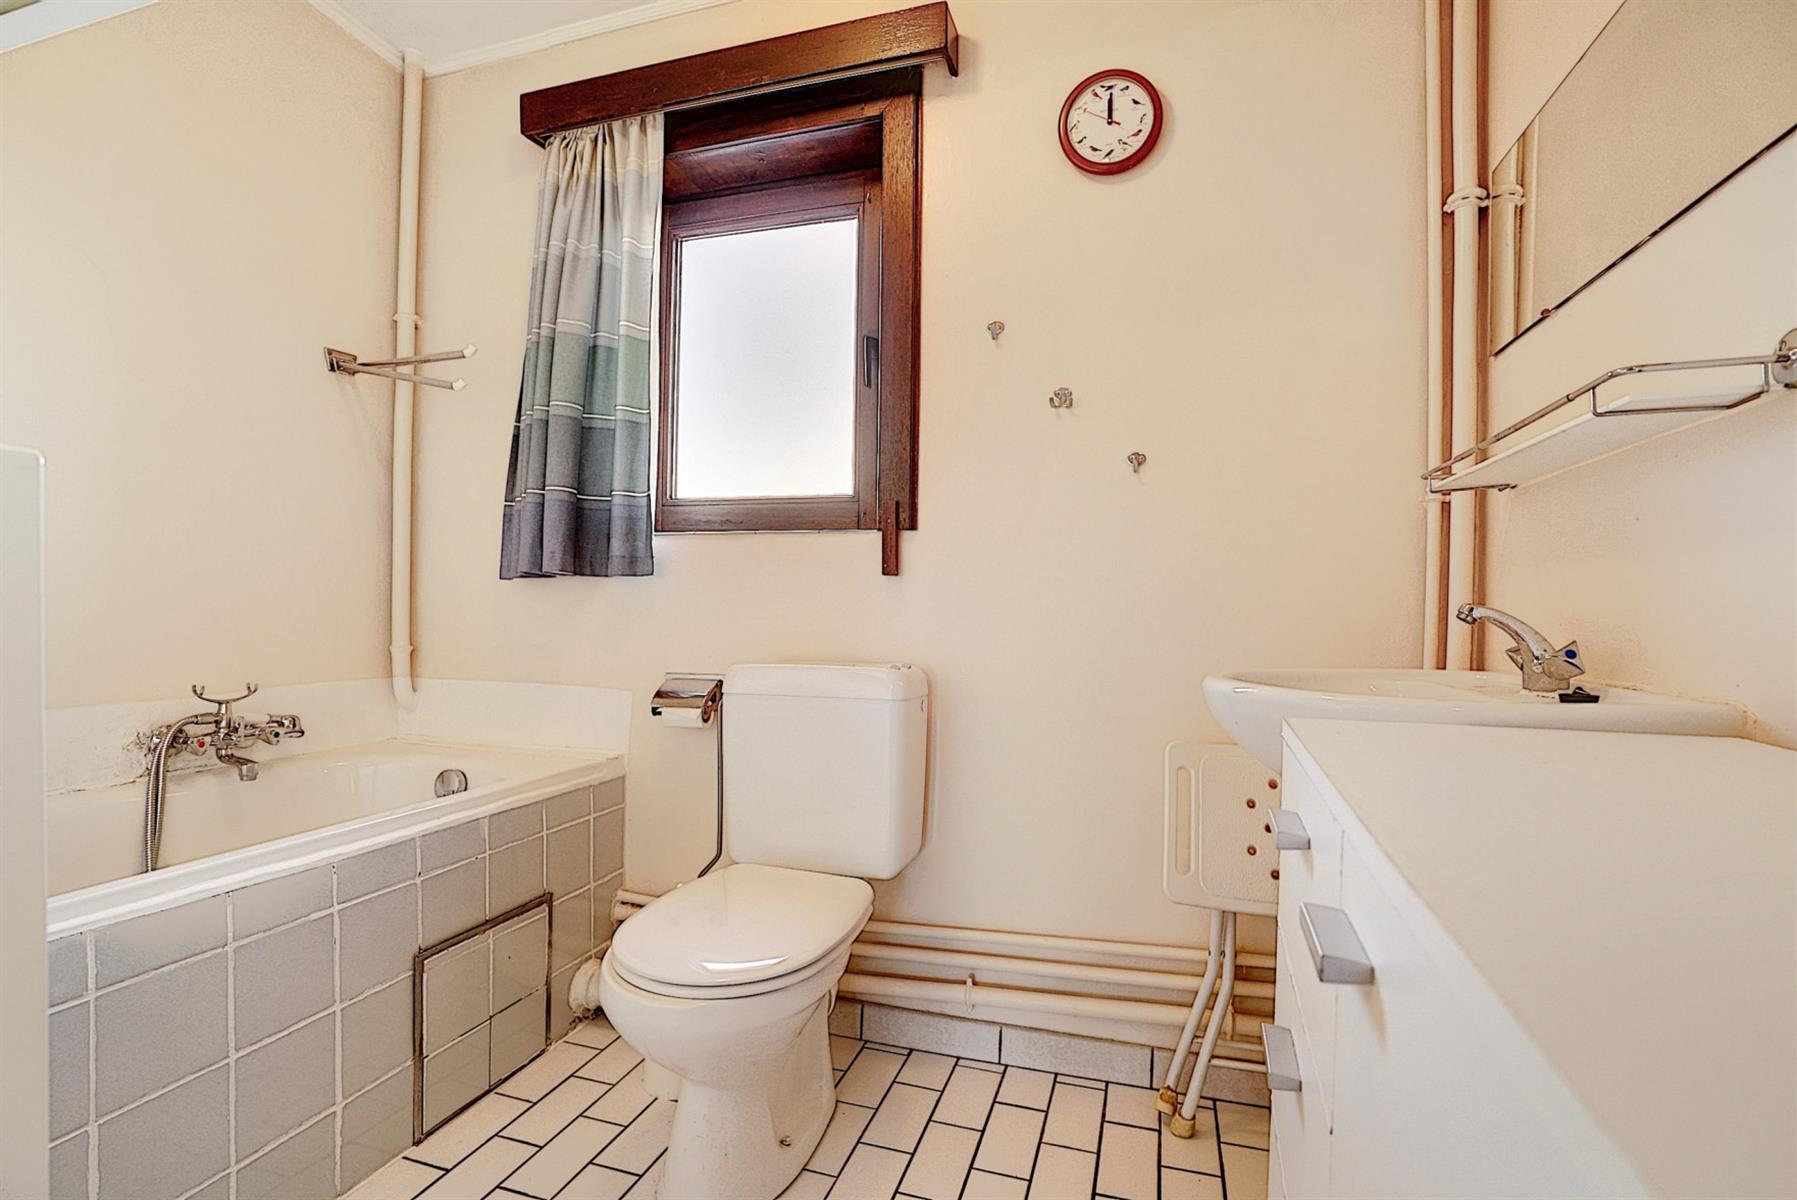 Maison - Ottignies - #4194171-11